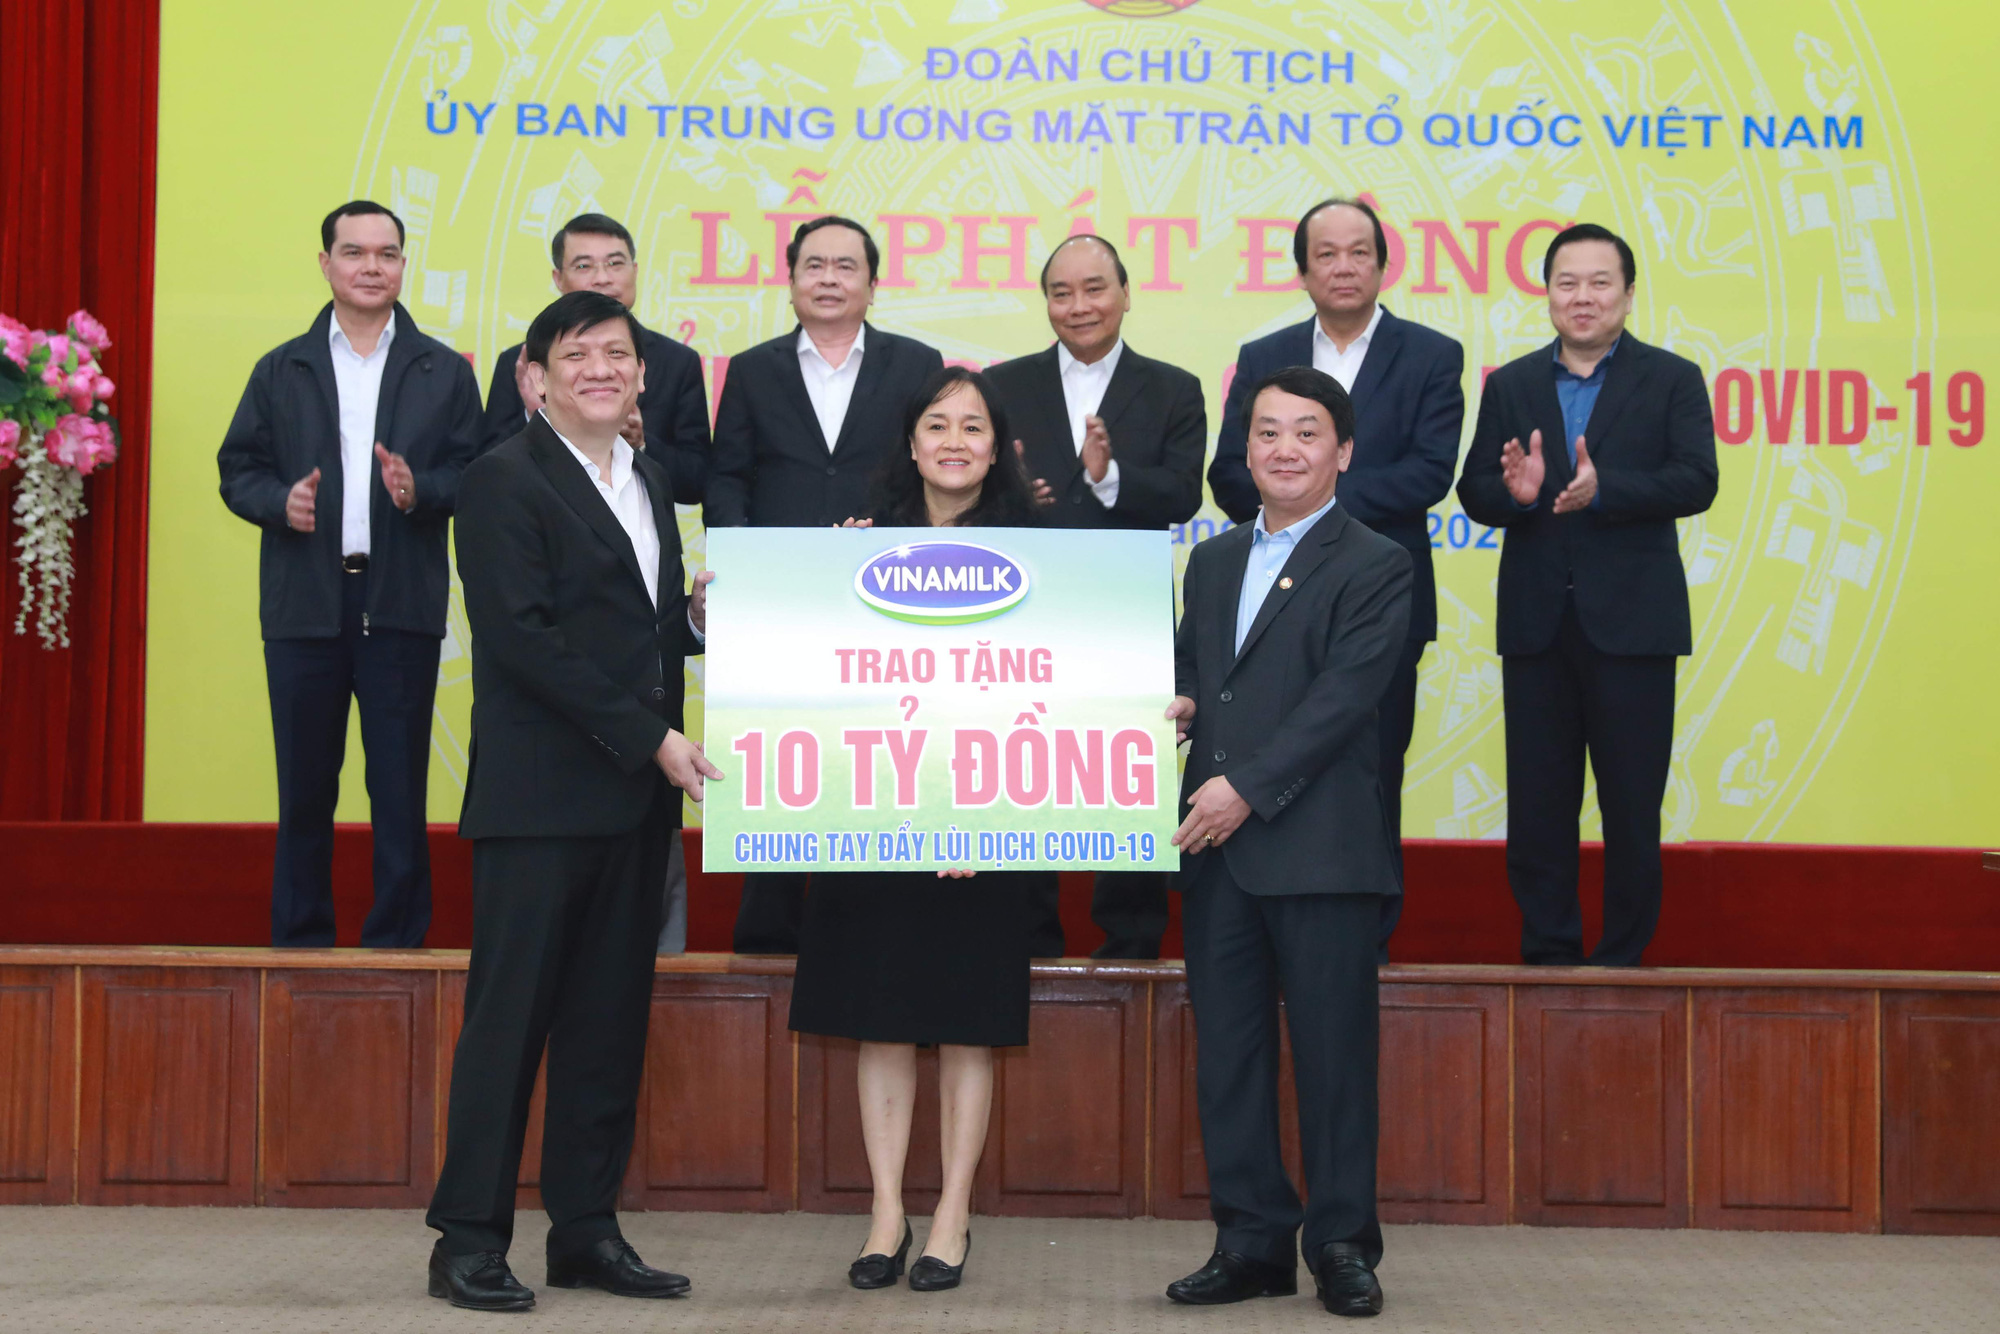 Vinamilk dẫn đầu top 10 thương hiệu mạnh nhất Việt Nam - Ảnh 1.